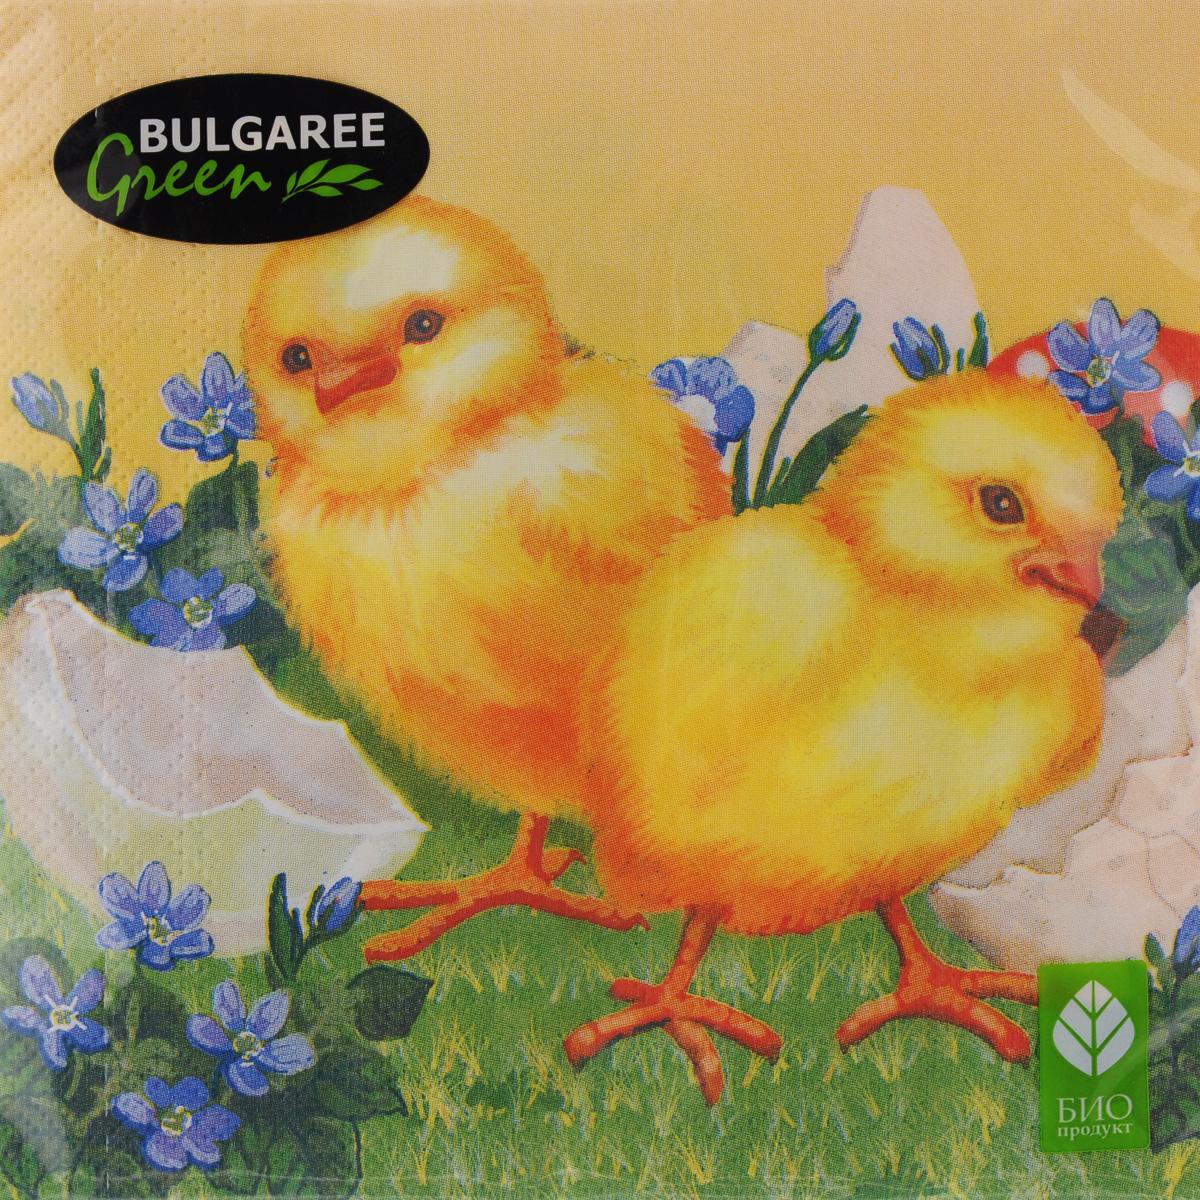 Салфетки бумажные Bulgaree Green Пасхальные цыплята, трехслойные, 33 х 33 см, 20 шт1002917Декоративные трехслойные салфетки Bulgaree Green Пасхальные цыплята выполнены из 100% целлюлозы европейского качества и оформлены ярким рисунком. Изделия станут отличным дополнением любого праздничного стола. Они отличаются необычной мягкостью, прочностью и оригинальностью. Размер салфеток в развернутом виде: 33 х 33 см.